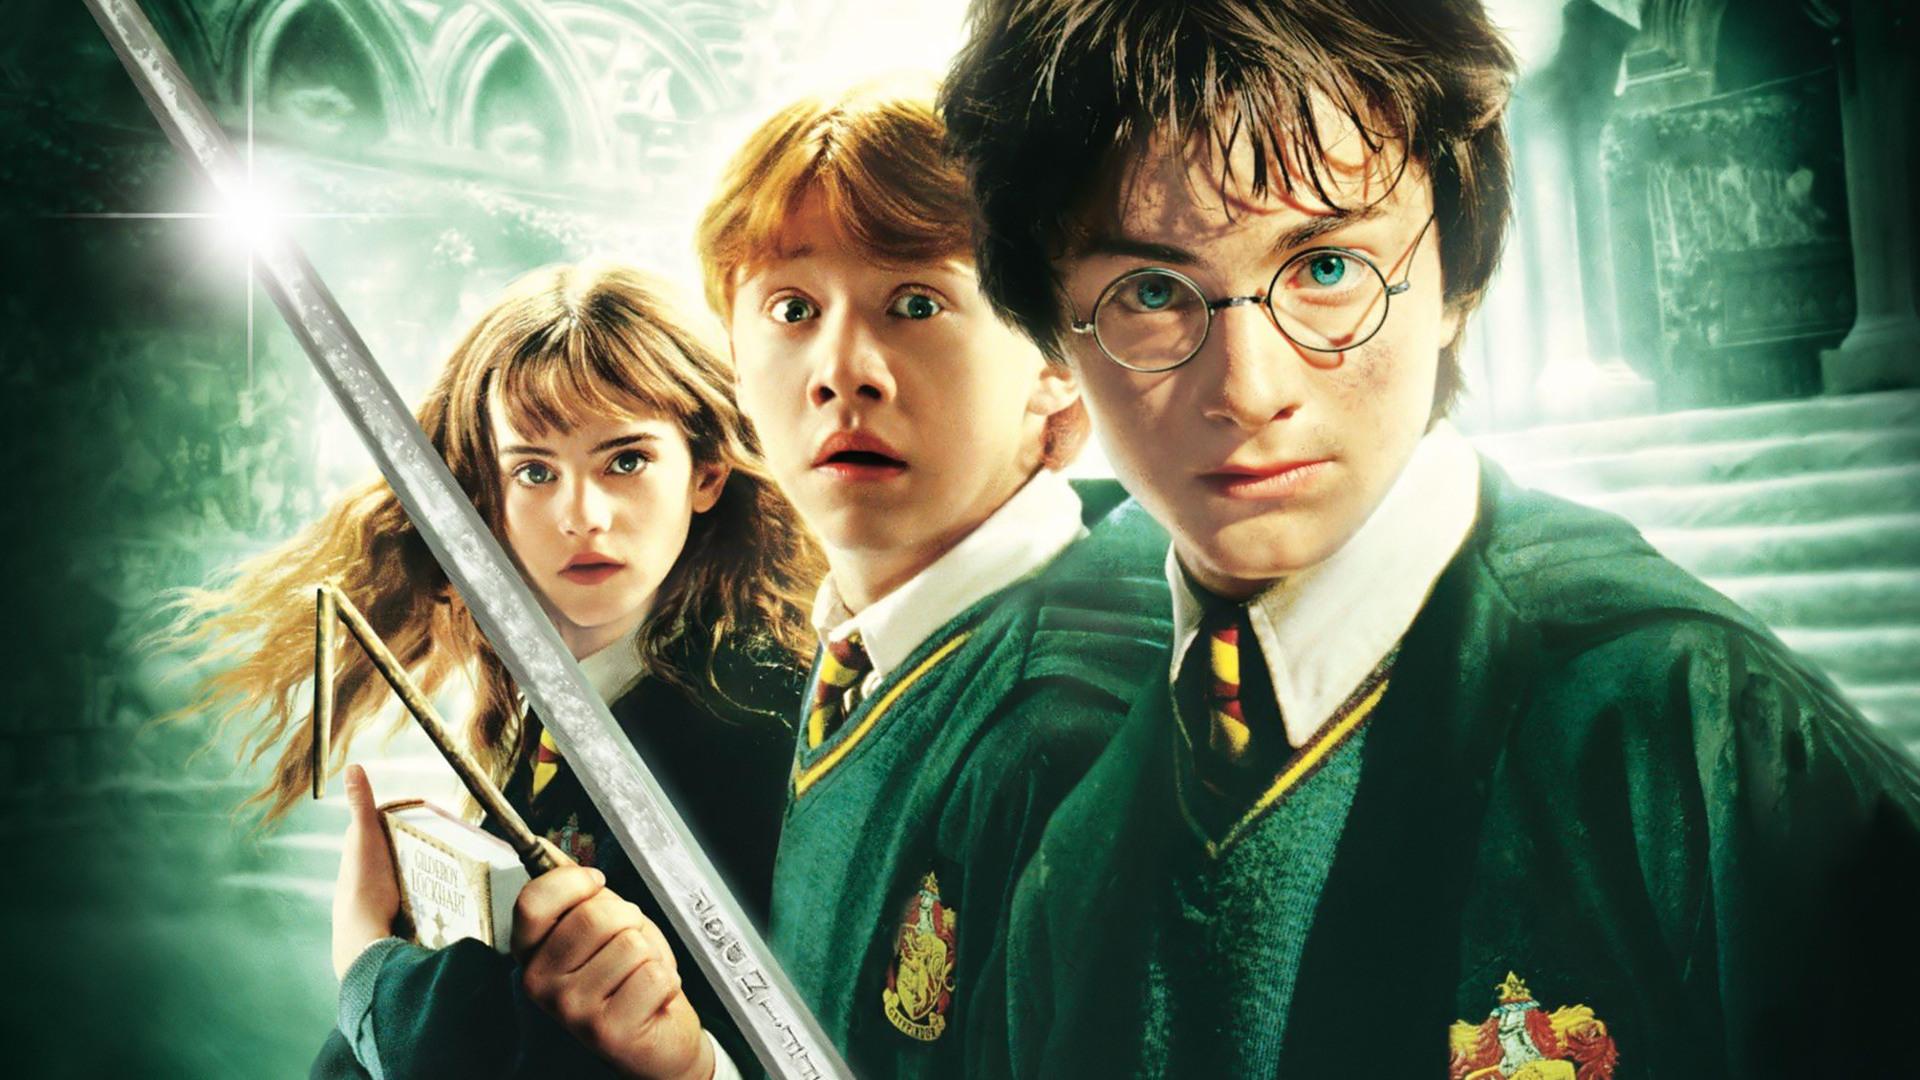 Super Afbeeldingen van Harry Potter: Wizards Unite 42/42 IN-26